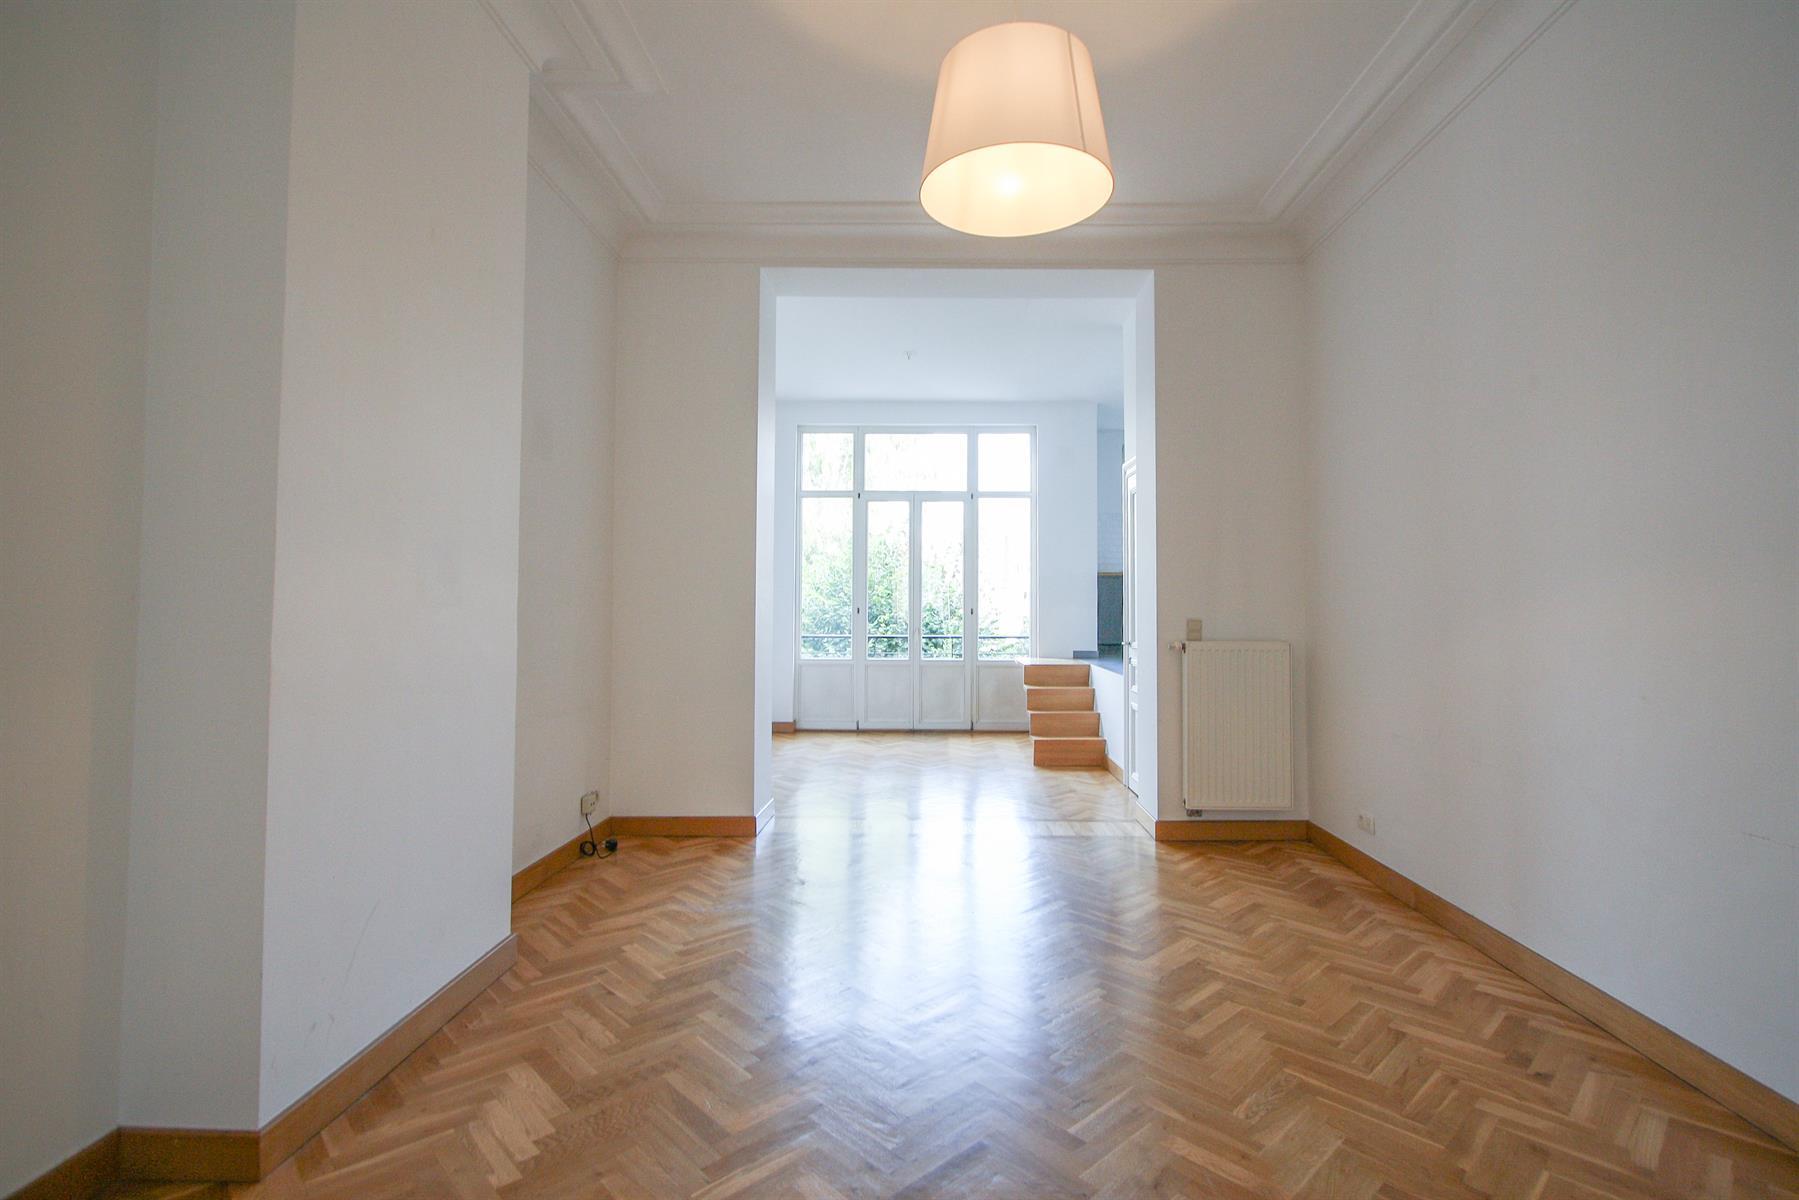 Appartement - Etterbeek - #4448025-1